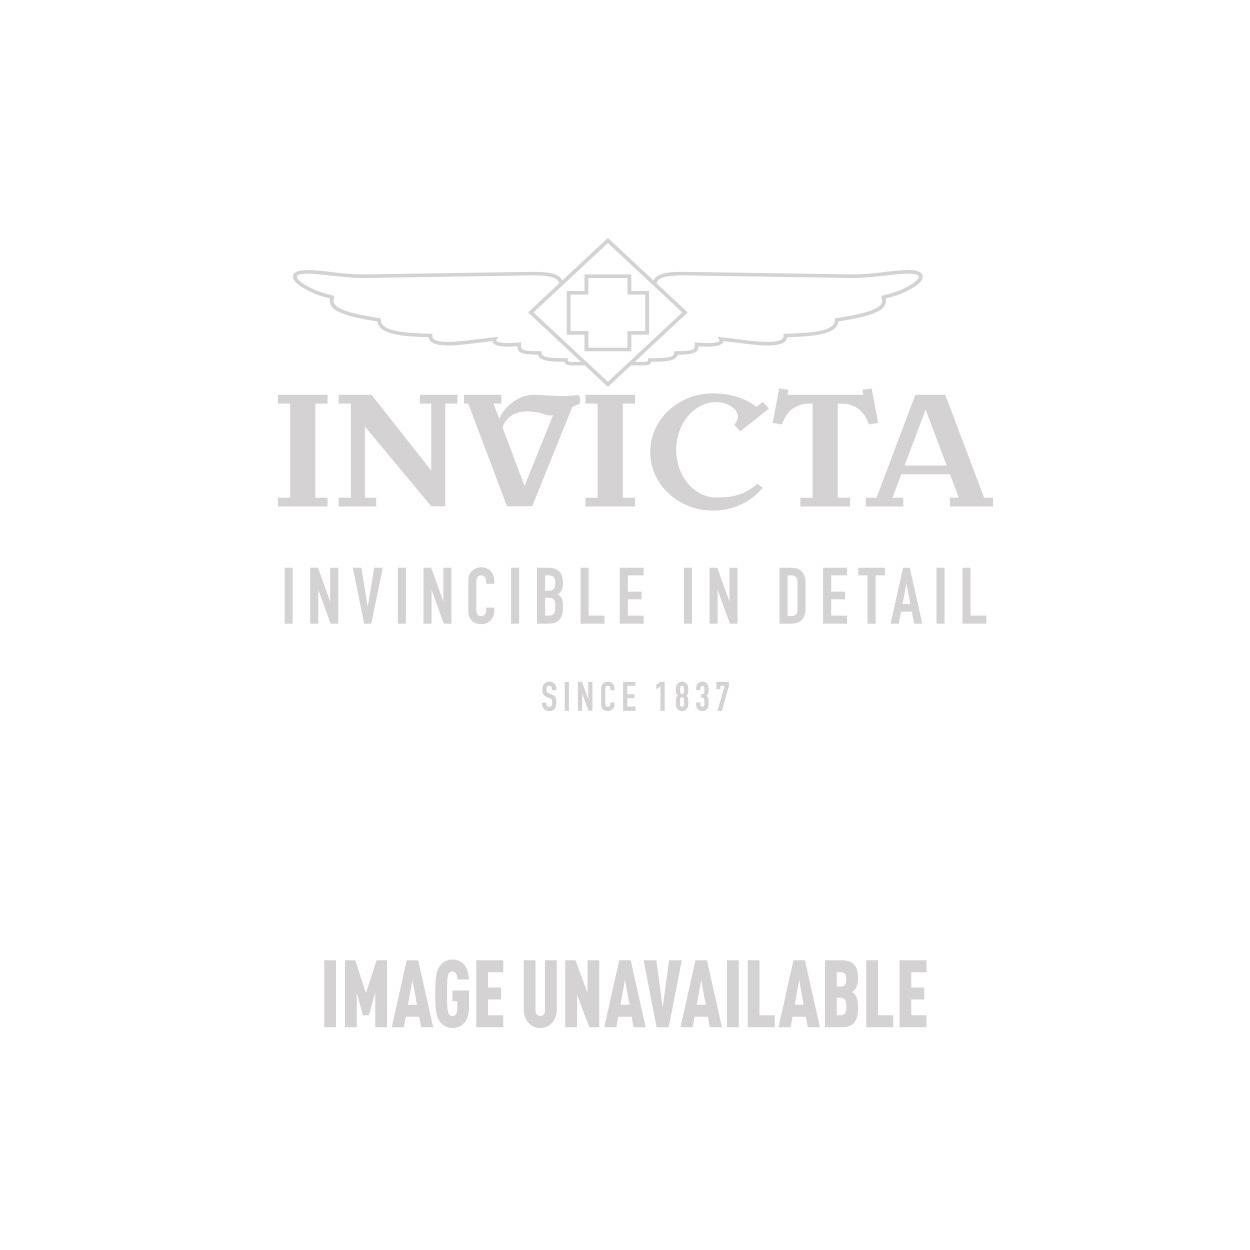 Invicta Model 23989